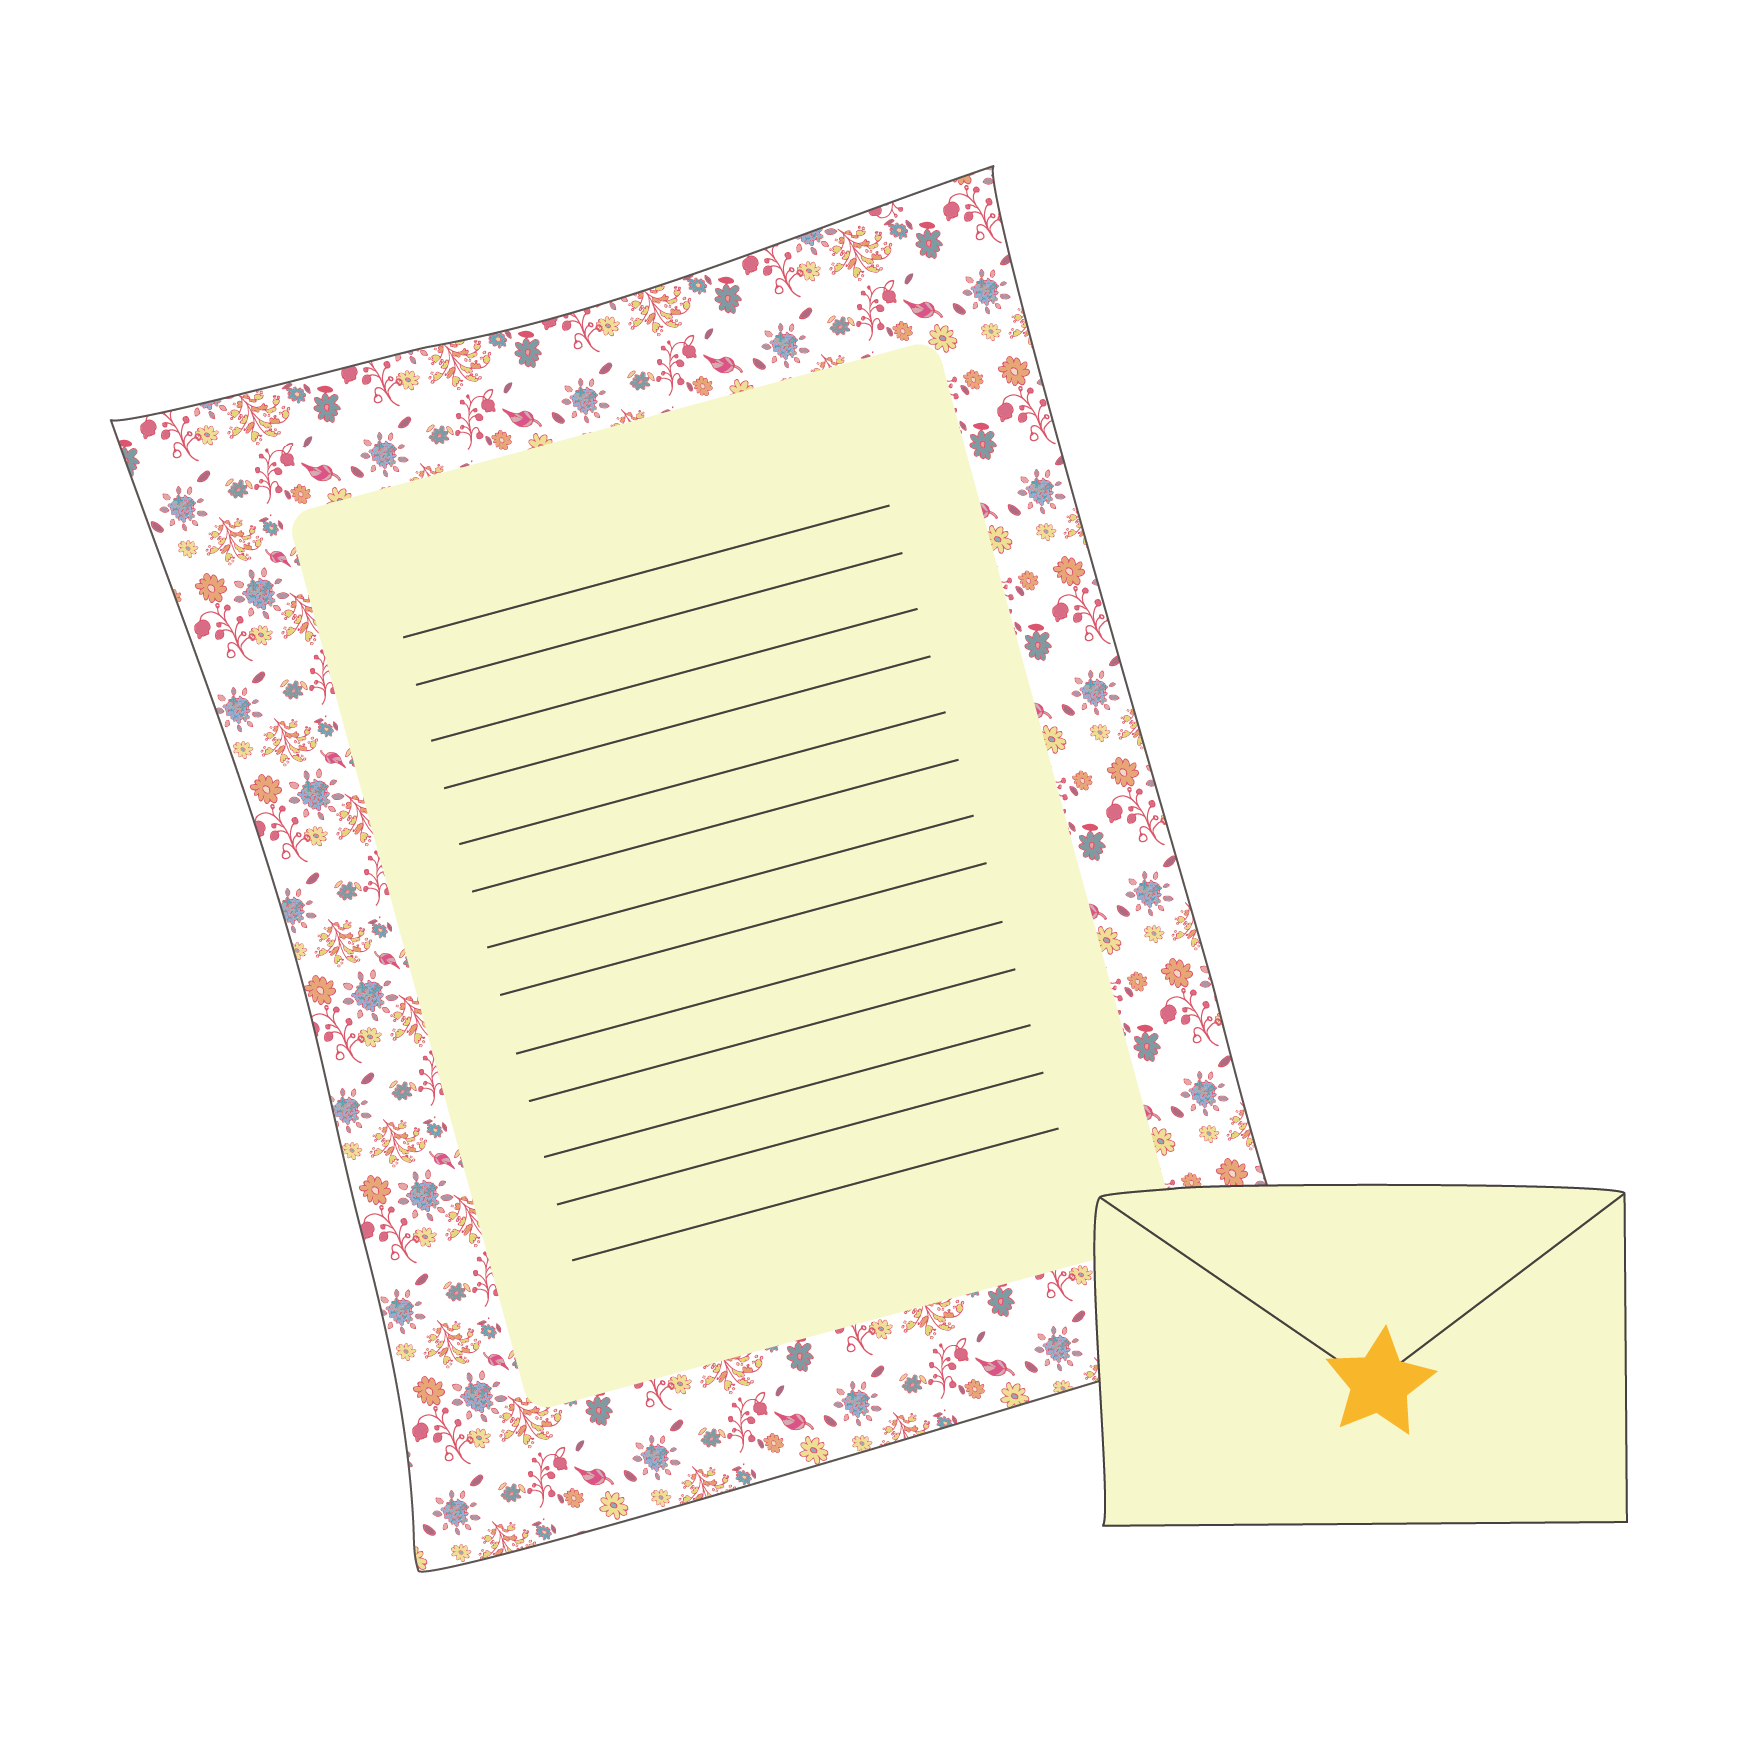 手紙を書こう!レターセット(便箋&封筒)のイラスト   商用フリー